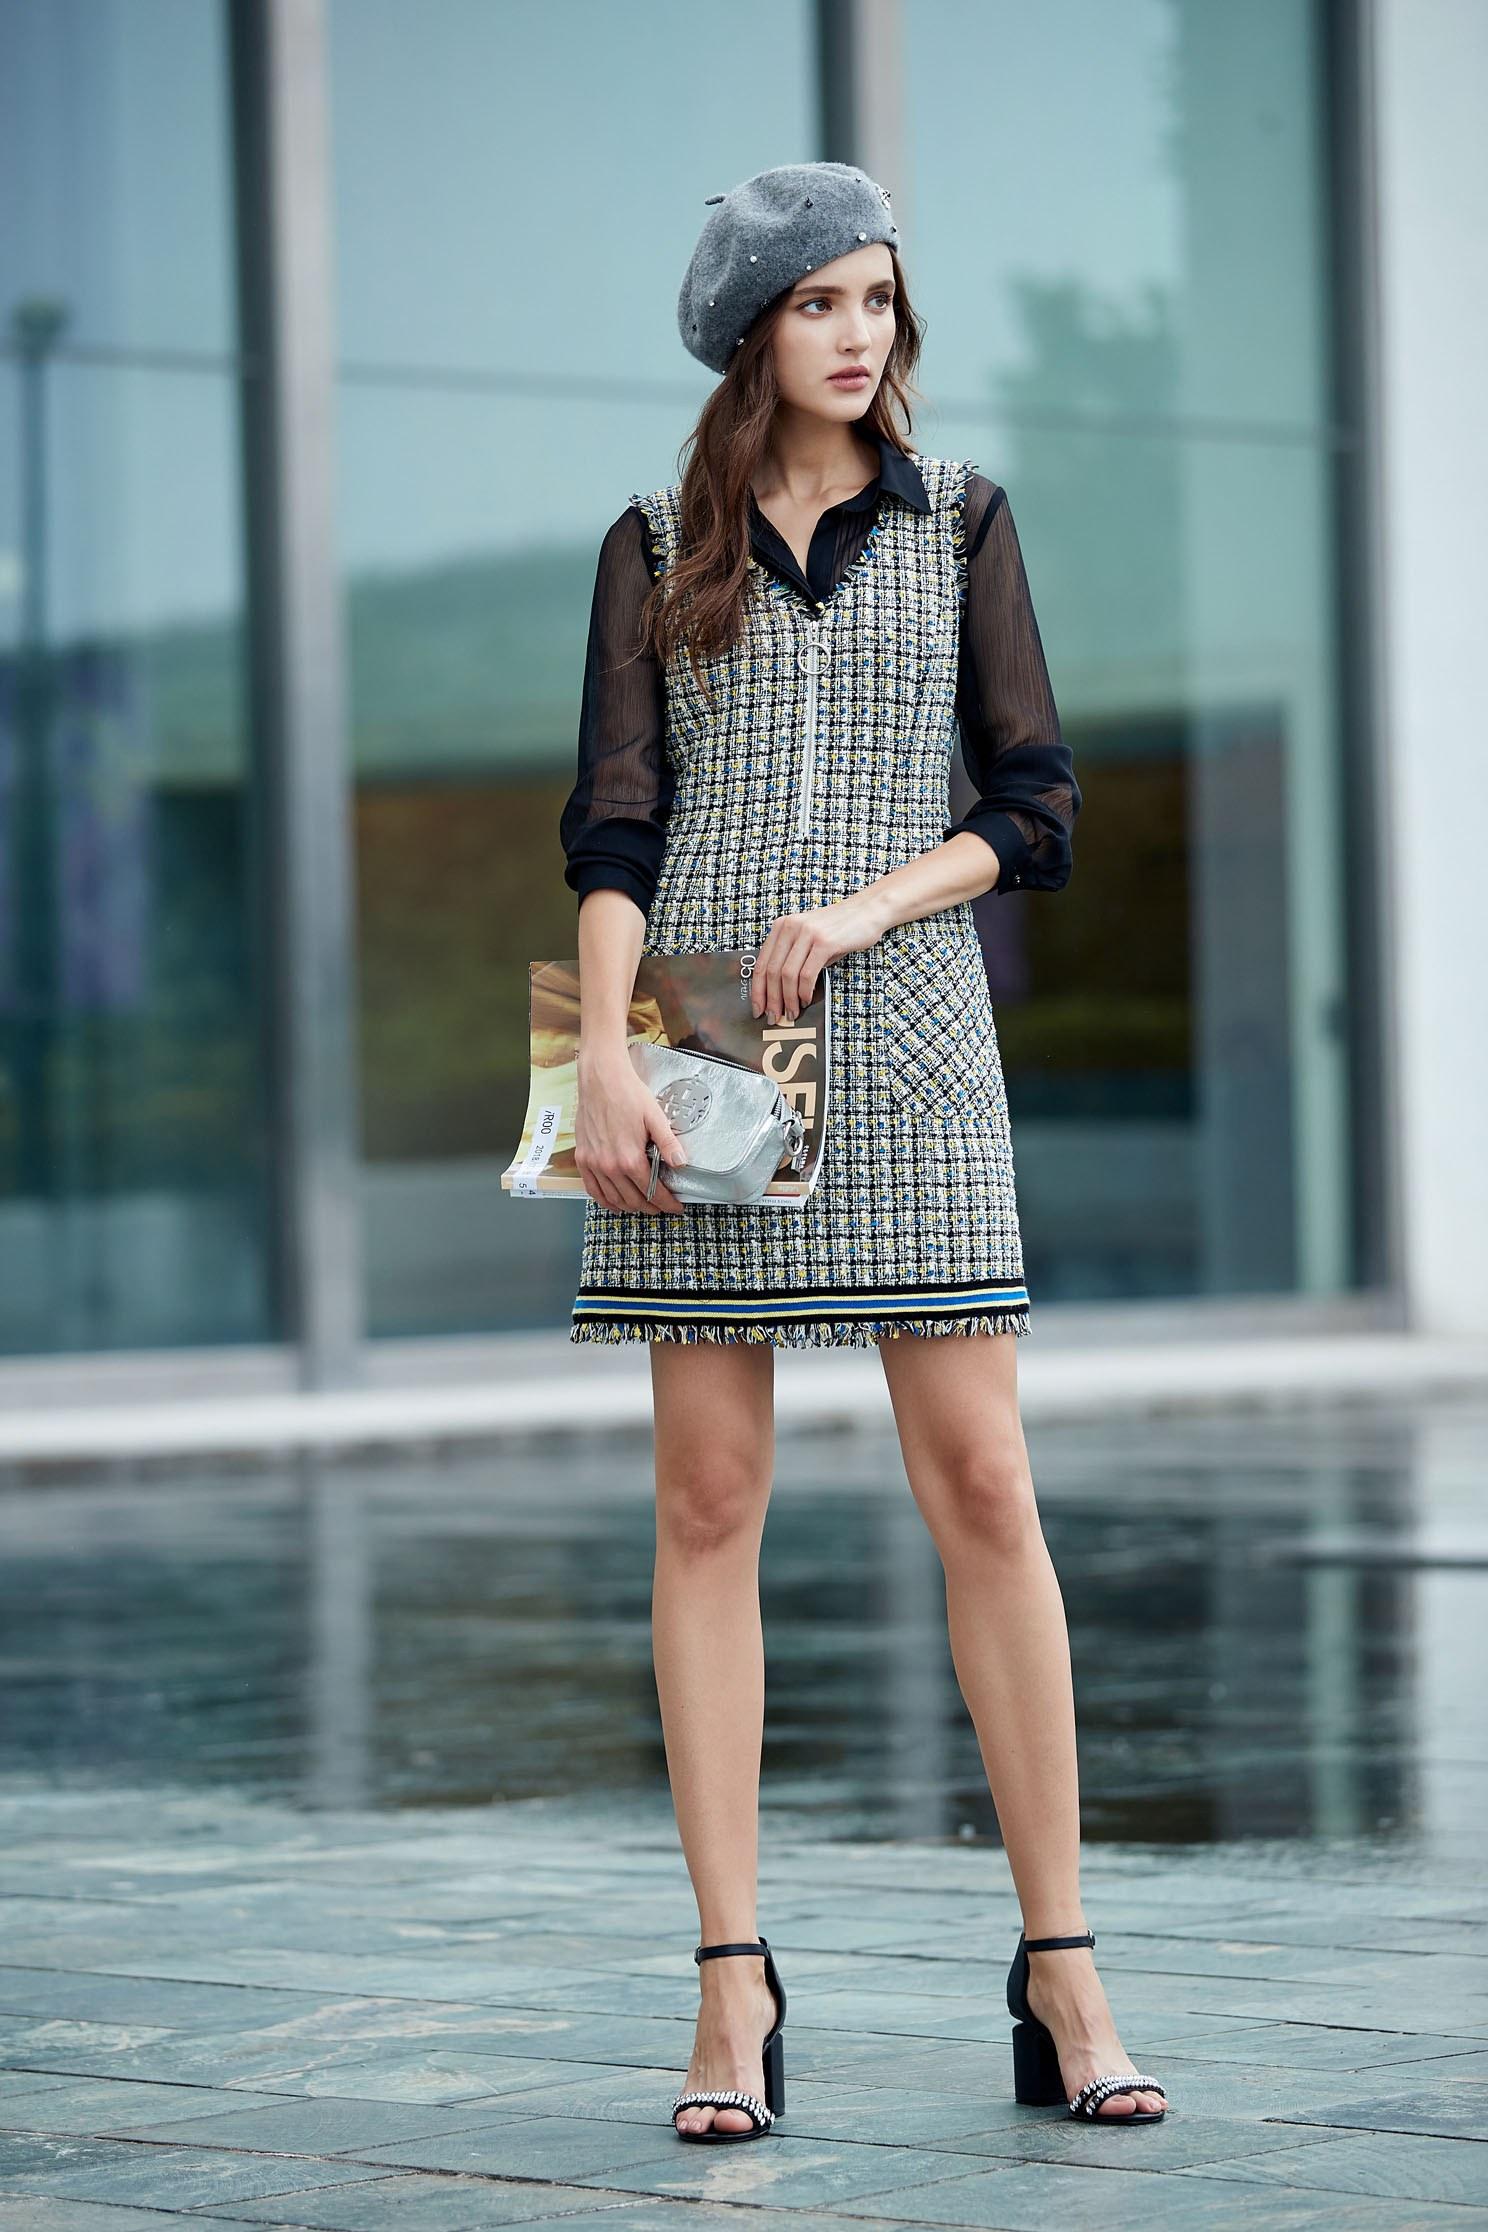 Classic England checkered Design dress